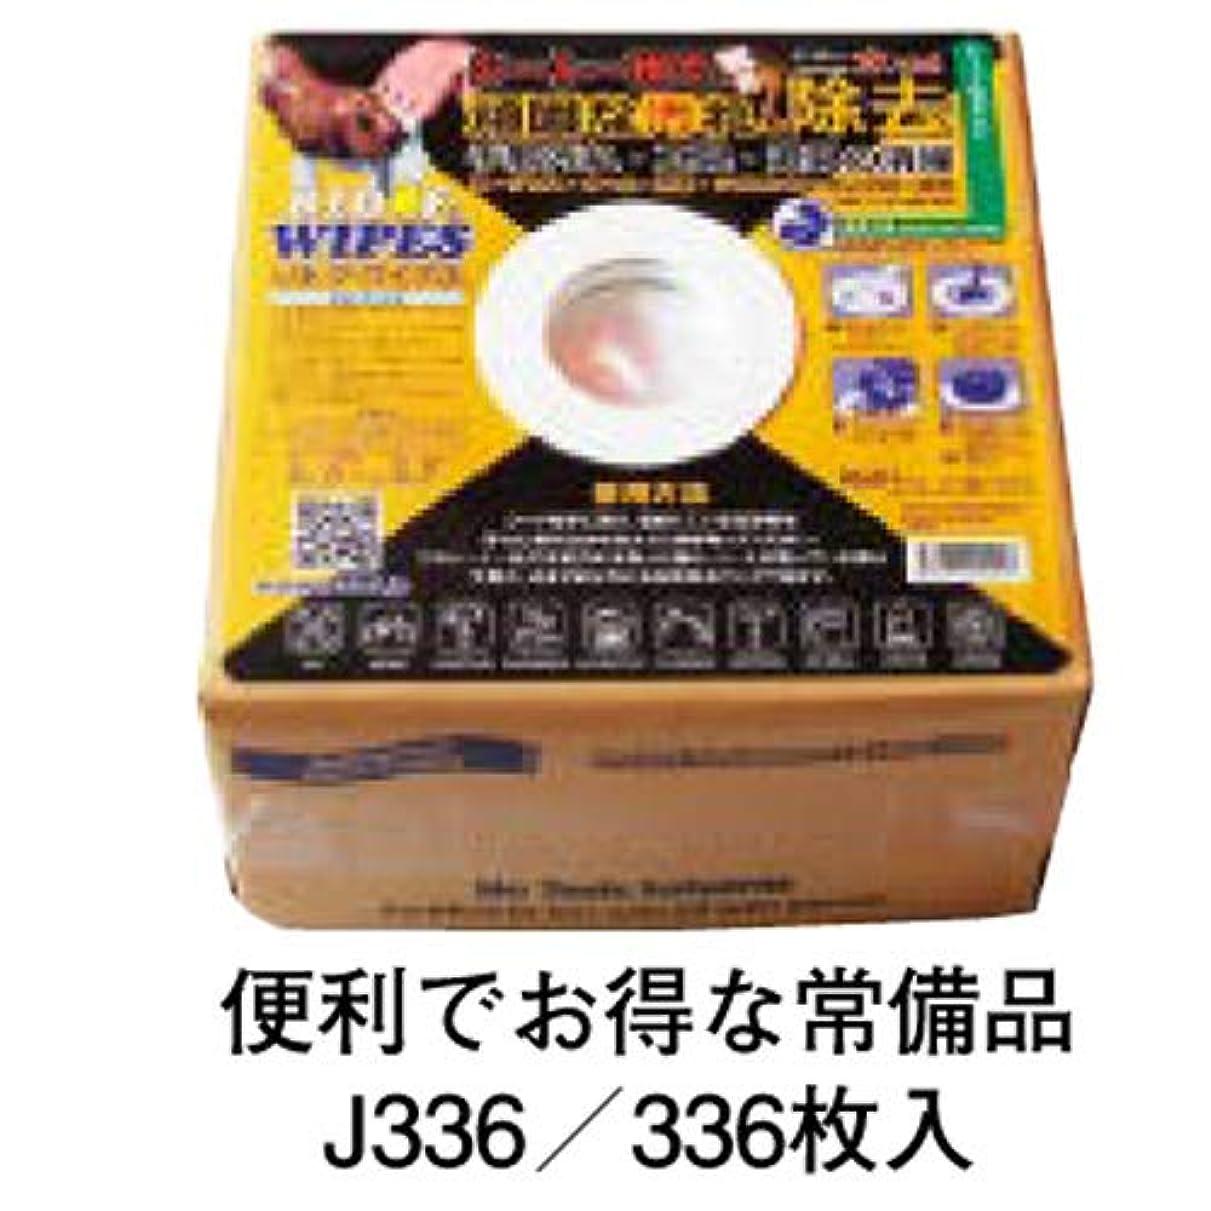 型びっくりする置き場リドフワイプス ボックスタイプ/336枚入 J336